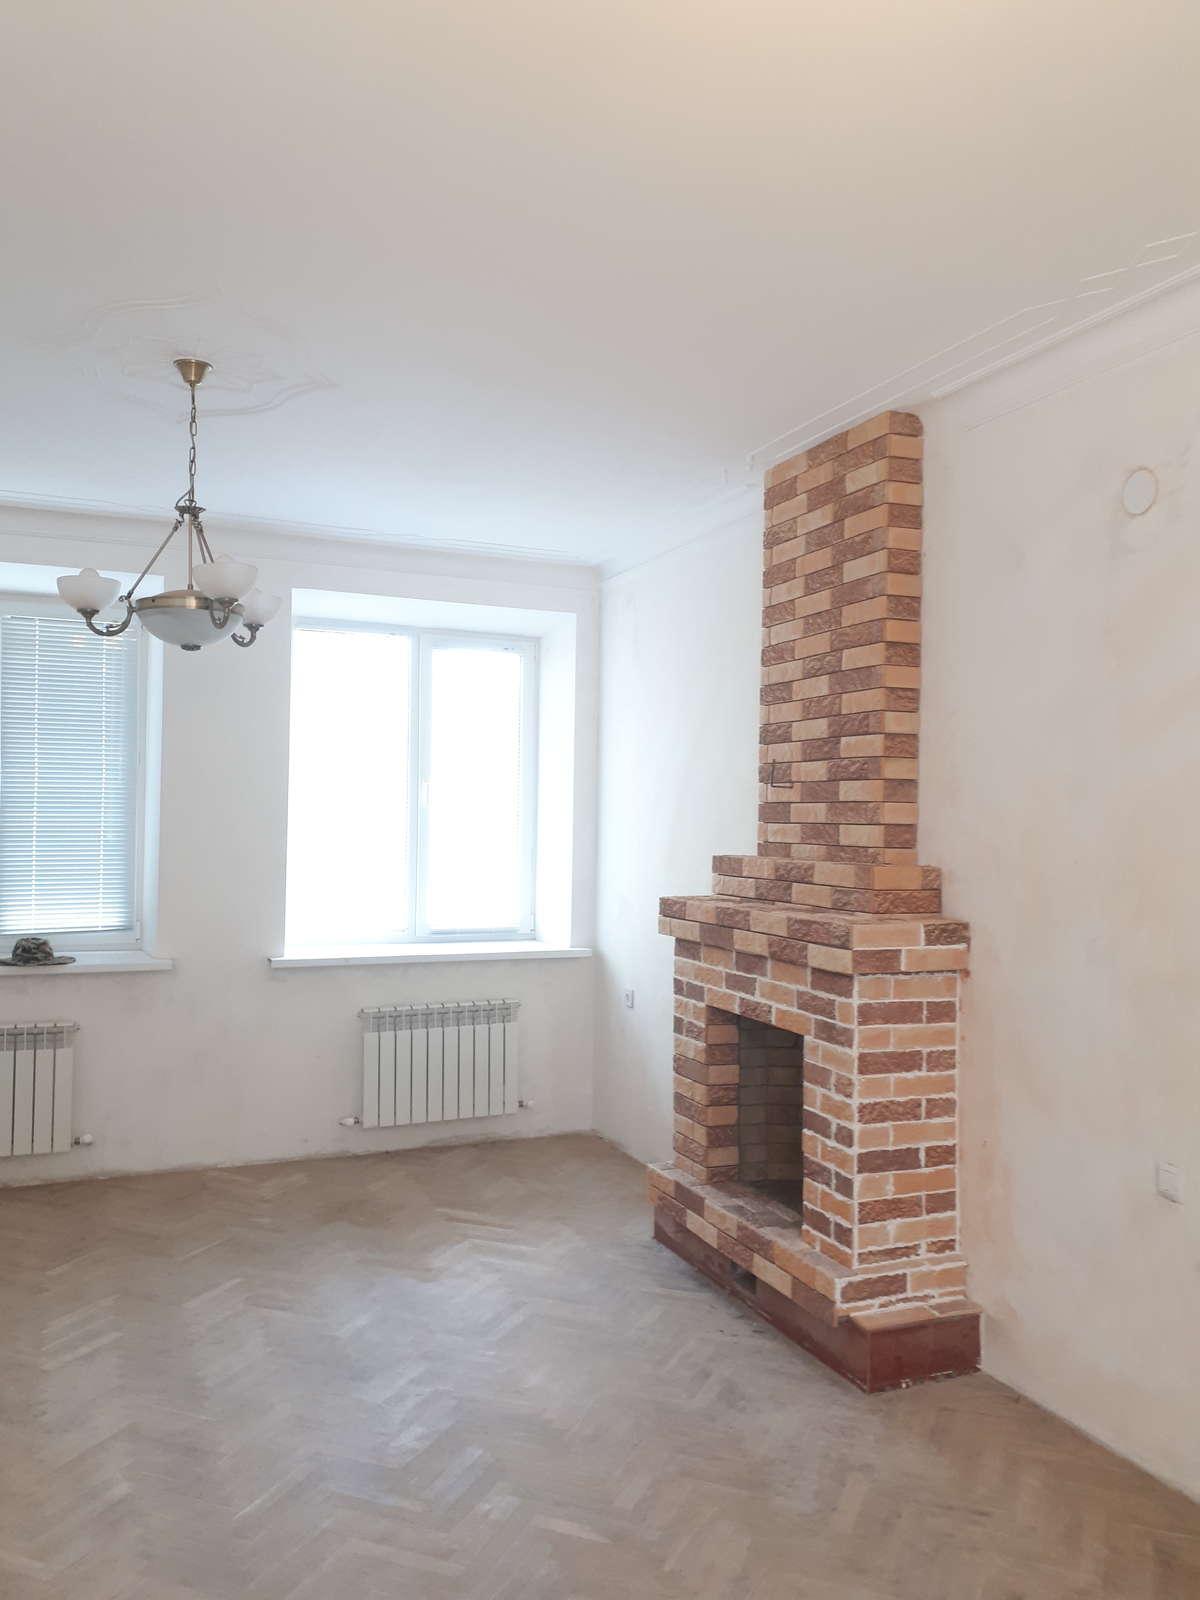 Продажа дома (Кирпичный), г.Самара, Красноглинский р-н, Горелый Хутор улица, Фото